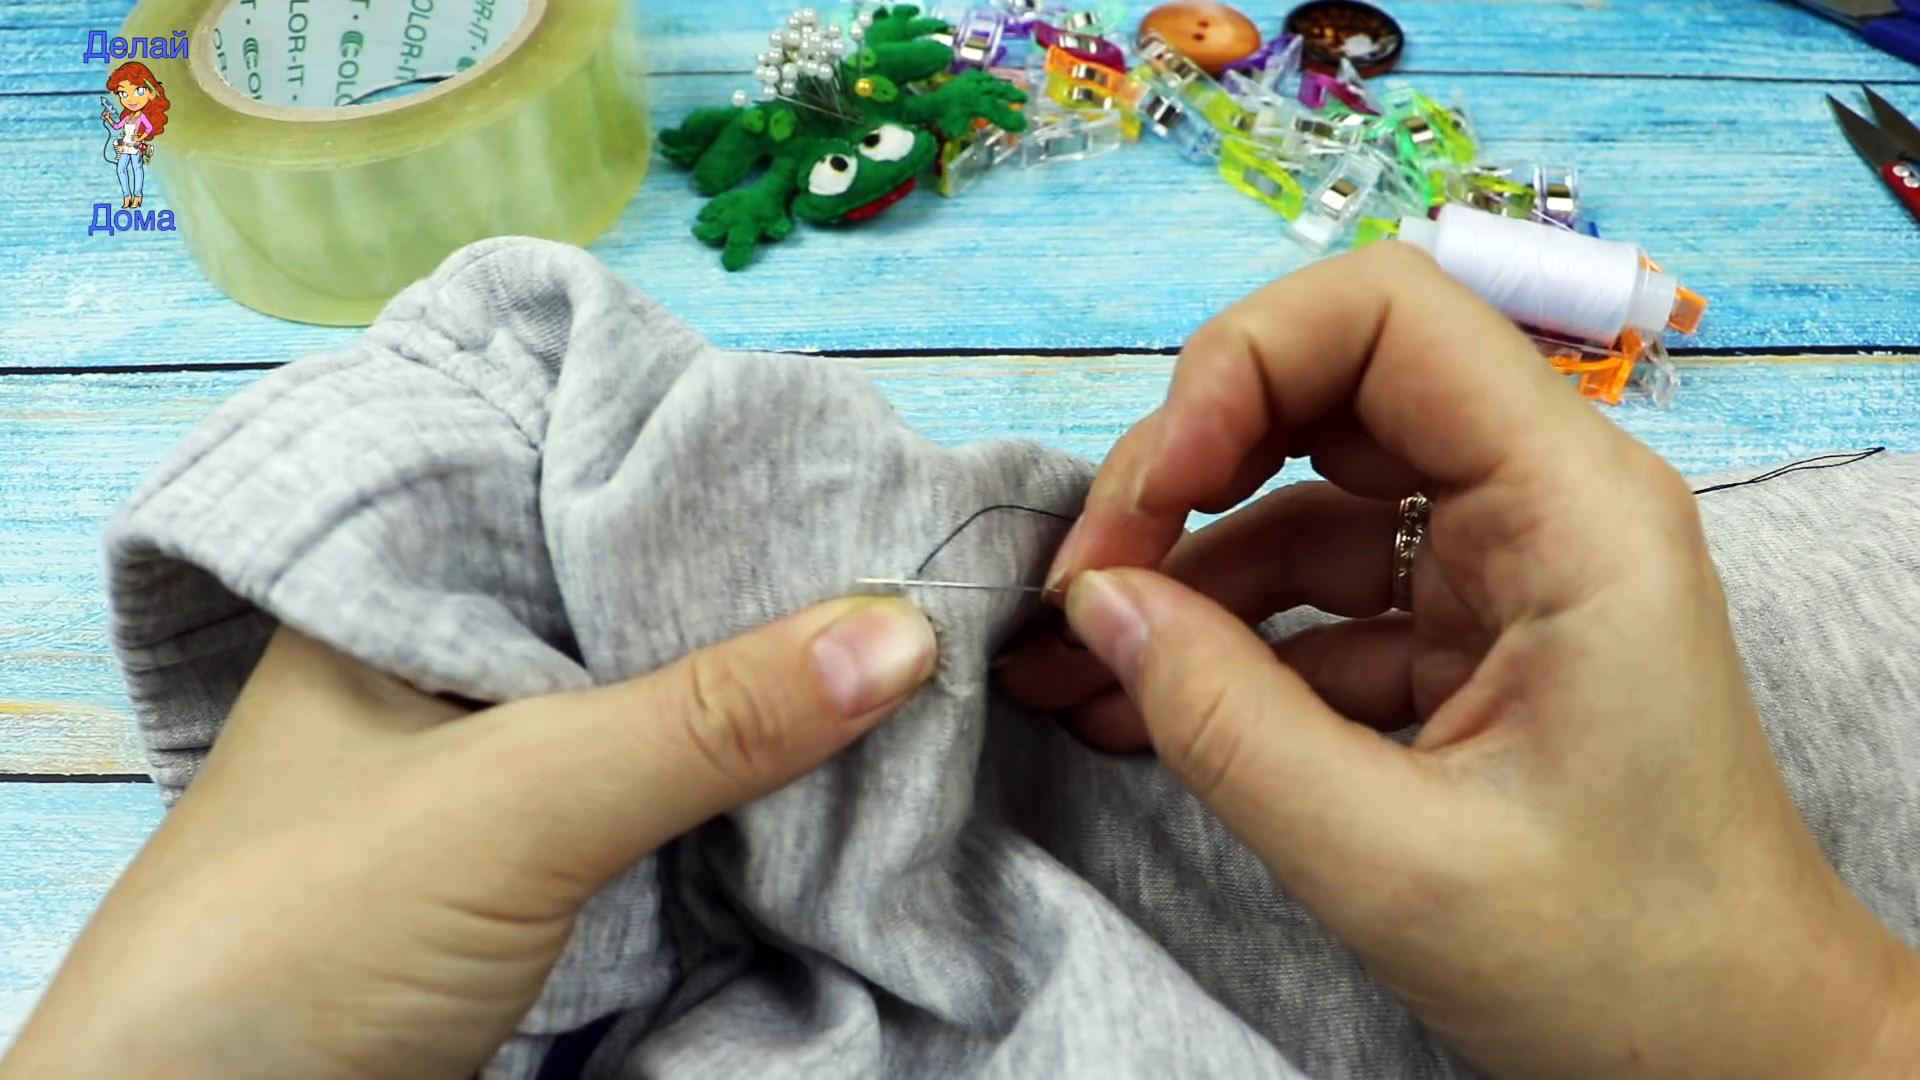 Как зашить дырку аккуратно потайным швом, даже если вы держите иголку первый раз в жизни